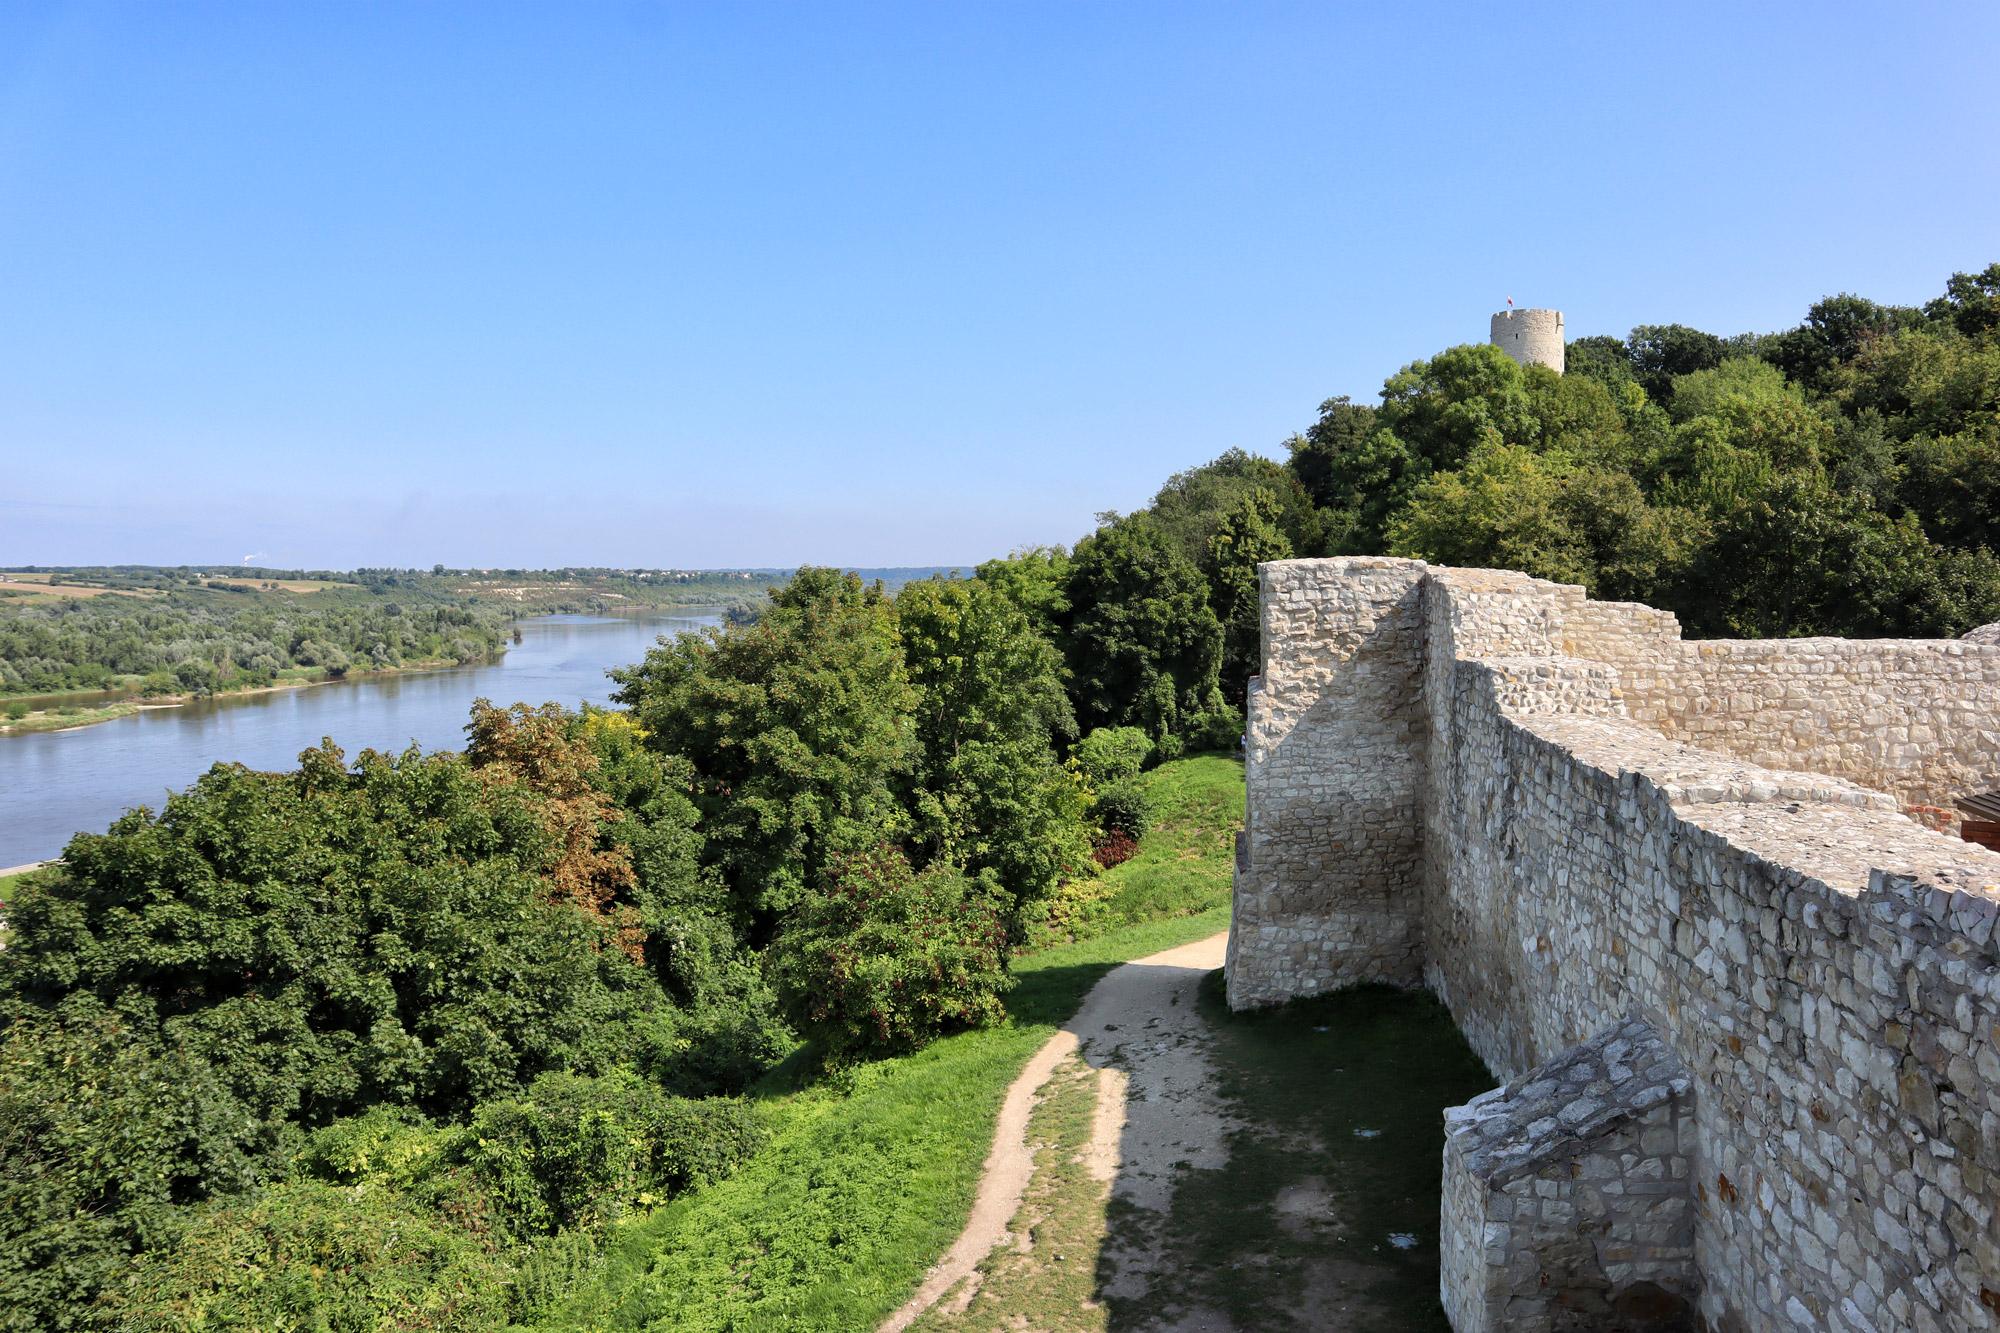 Lubelskie regio - Kazimierz Dolny